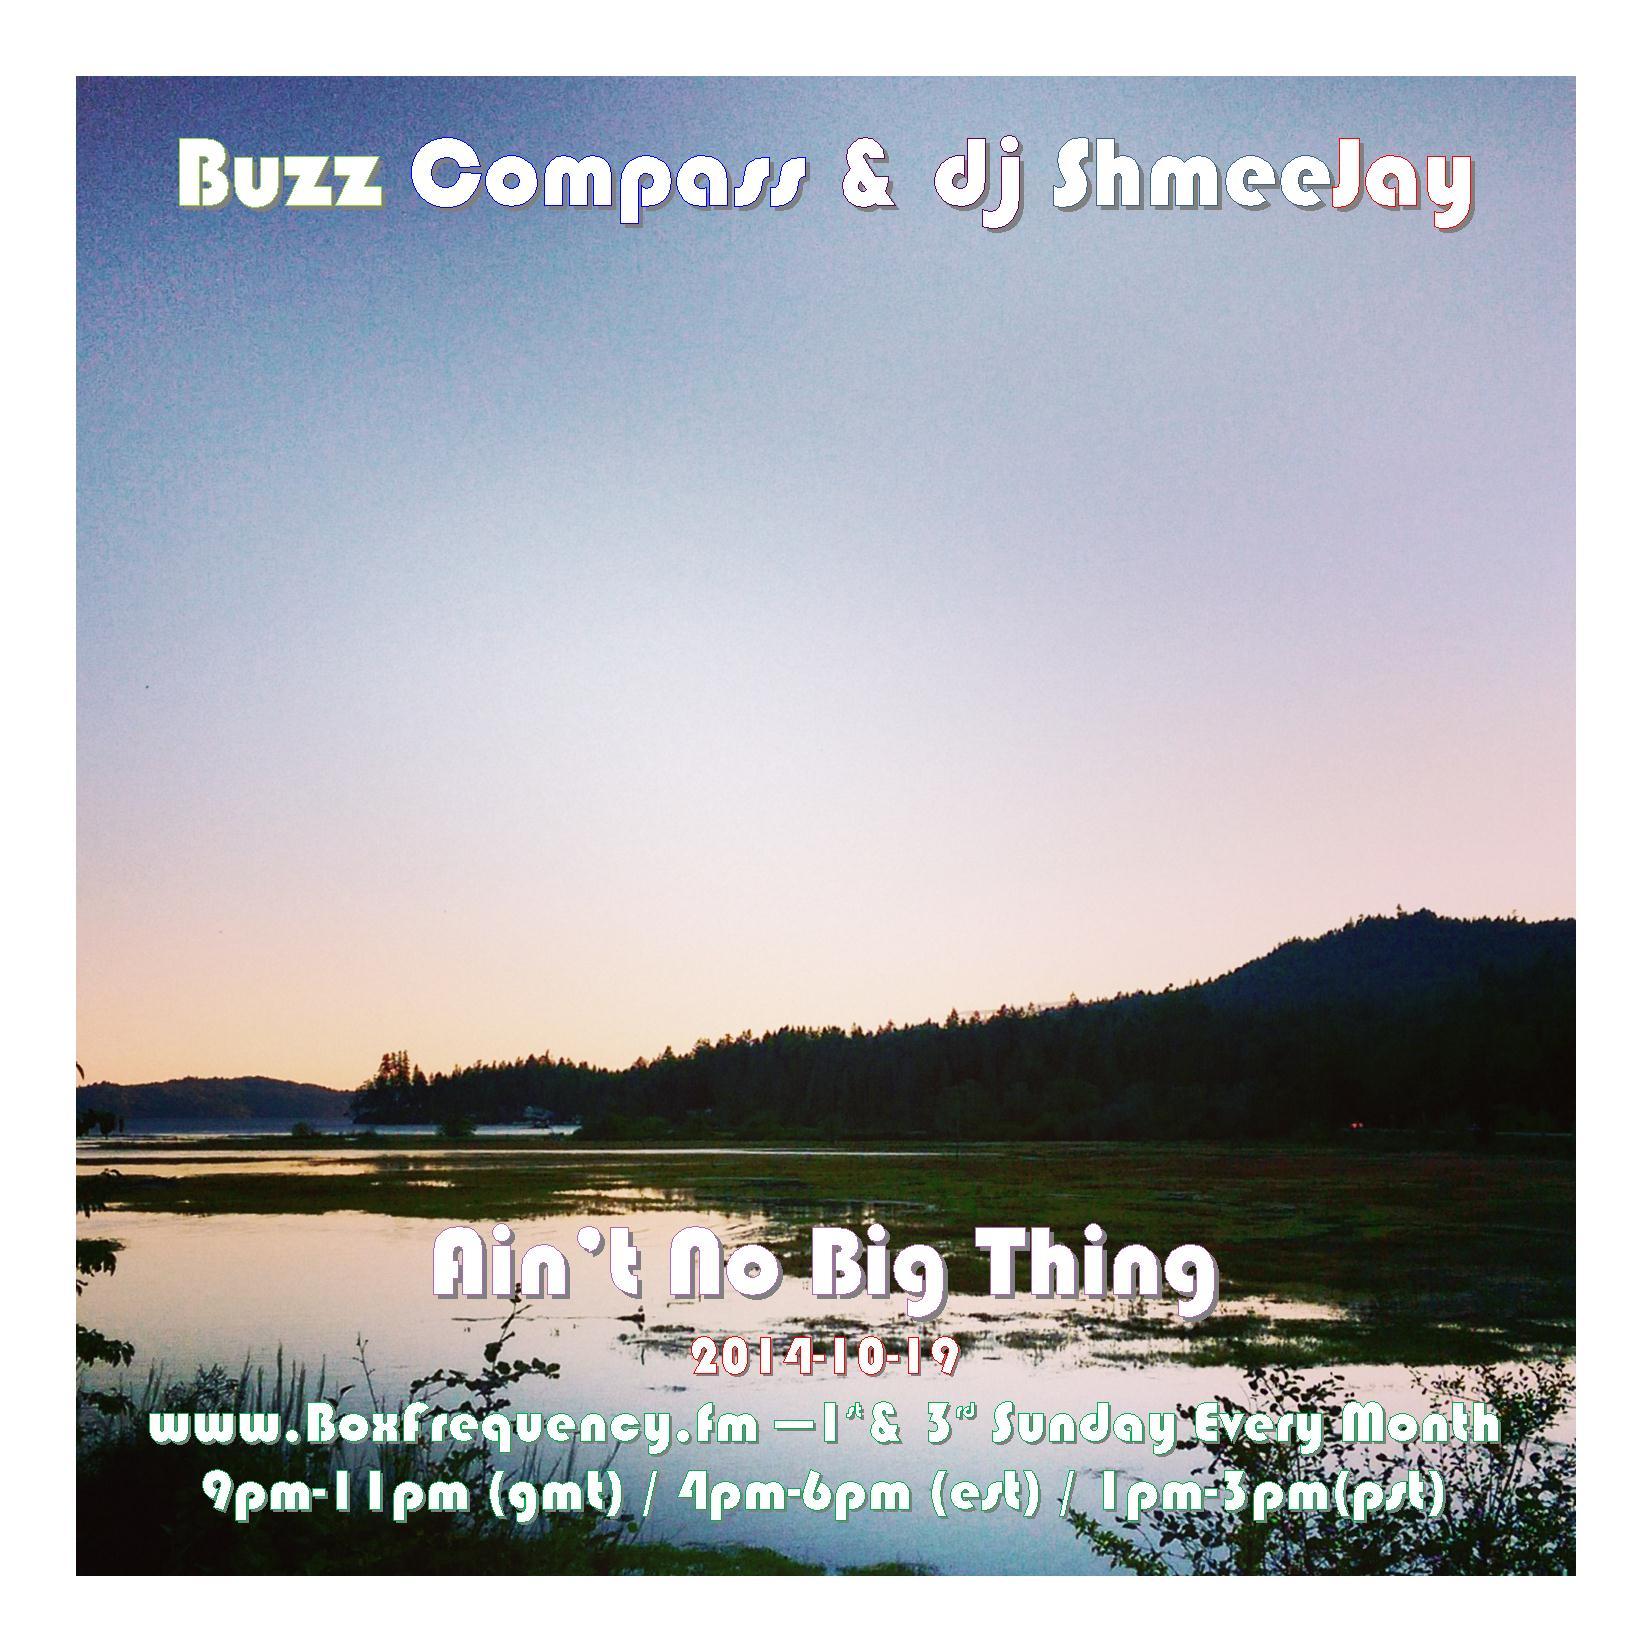 Buzz Compass_Ain't No Big Thing-Freq2